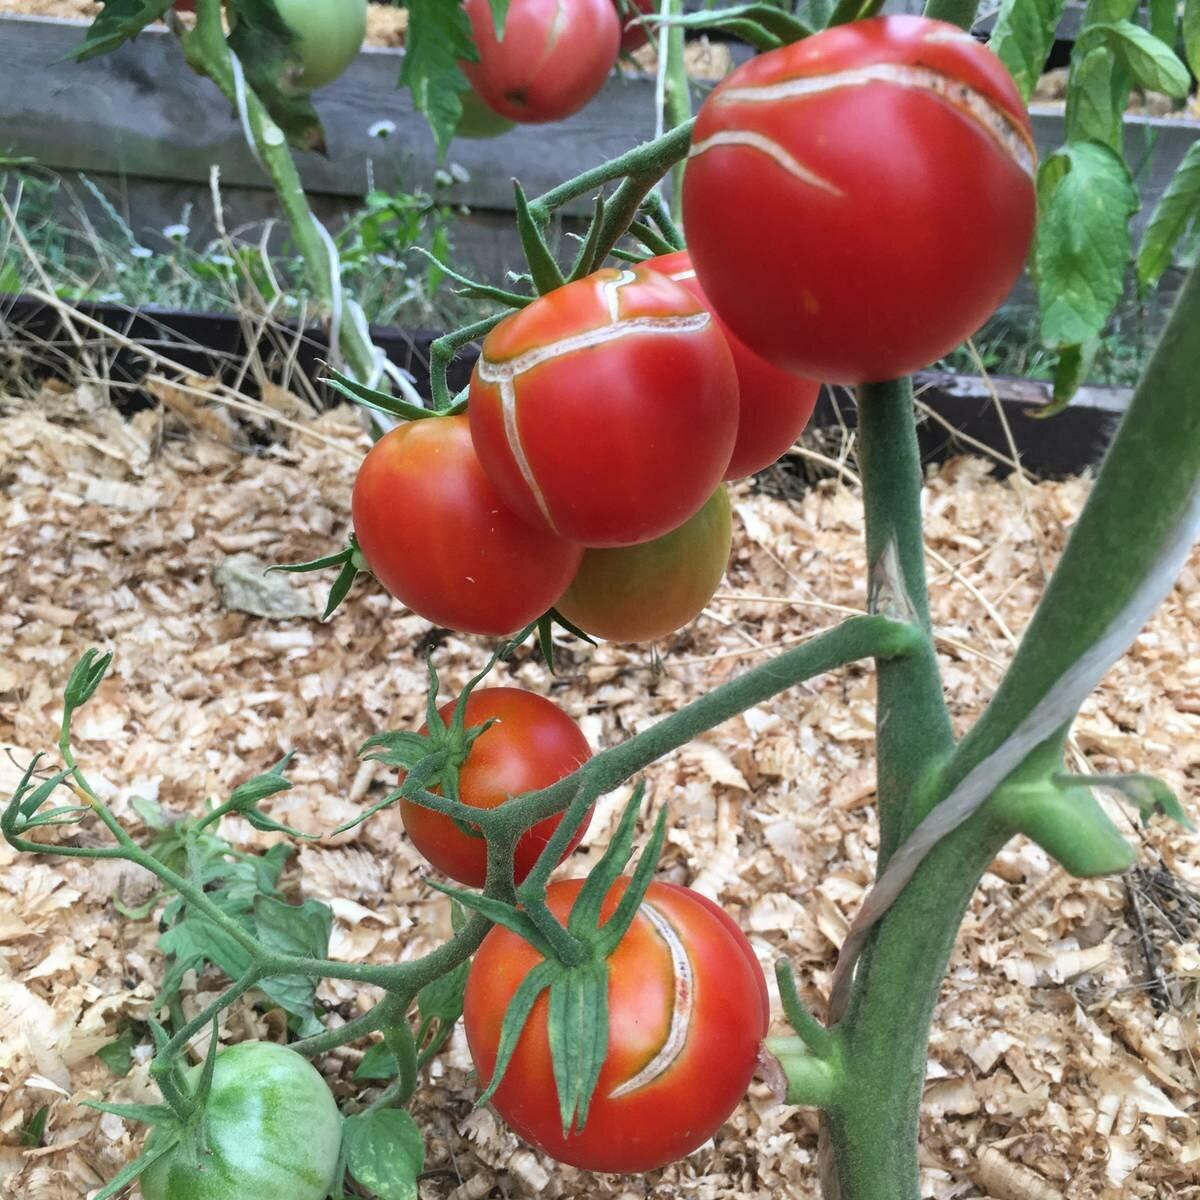 Узнайте за 5 минут от чего трескаются помидоры в теплице